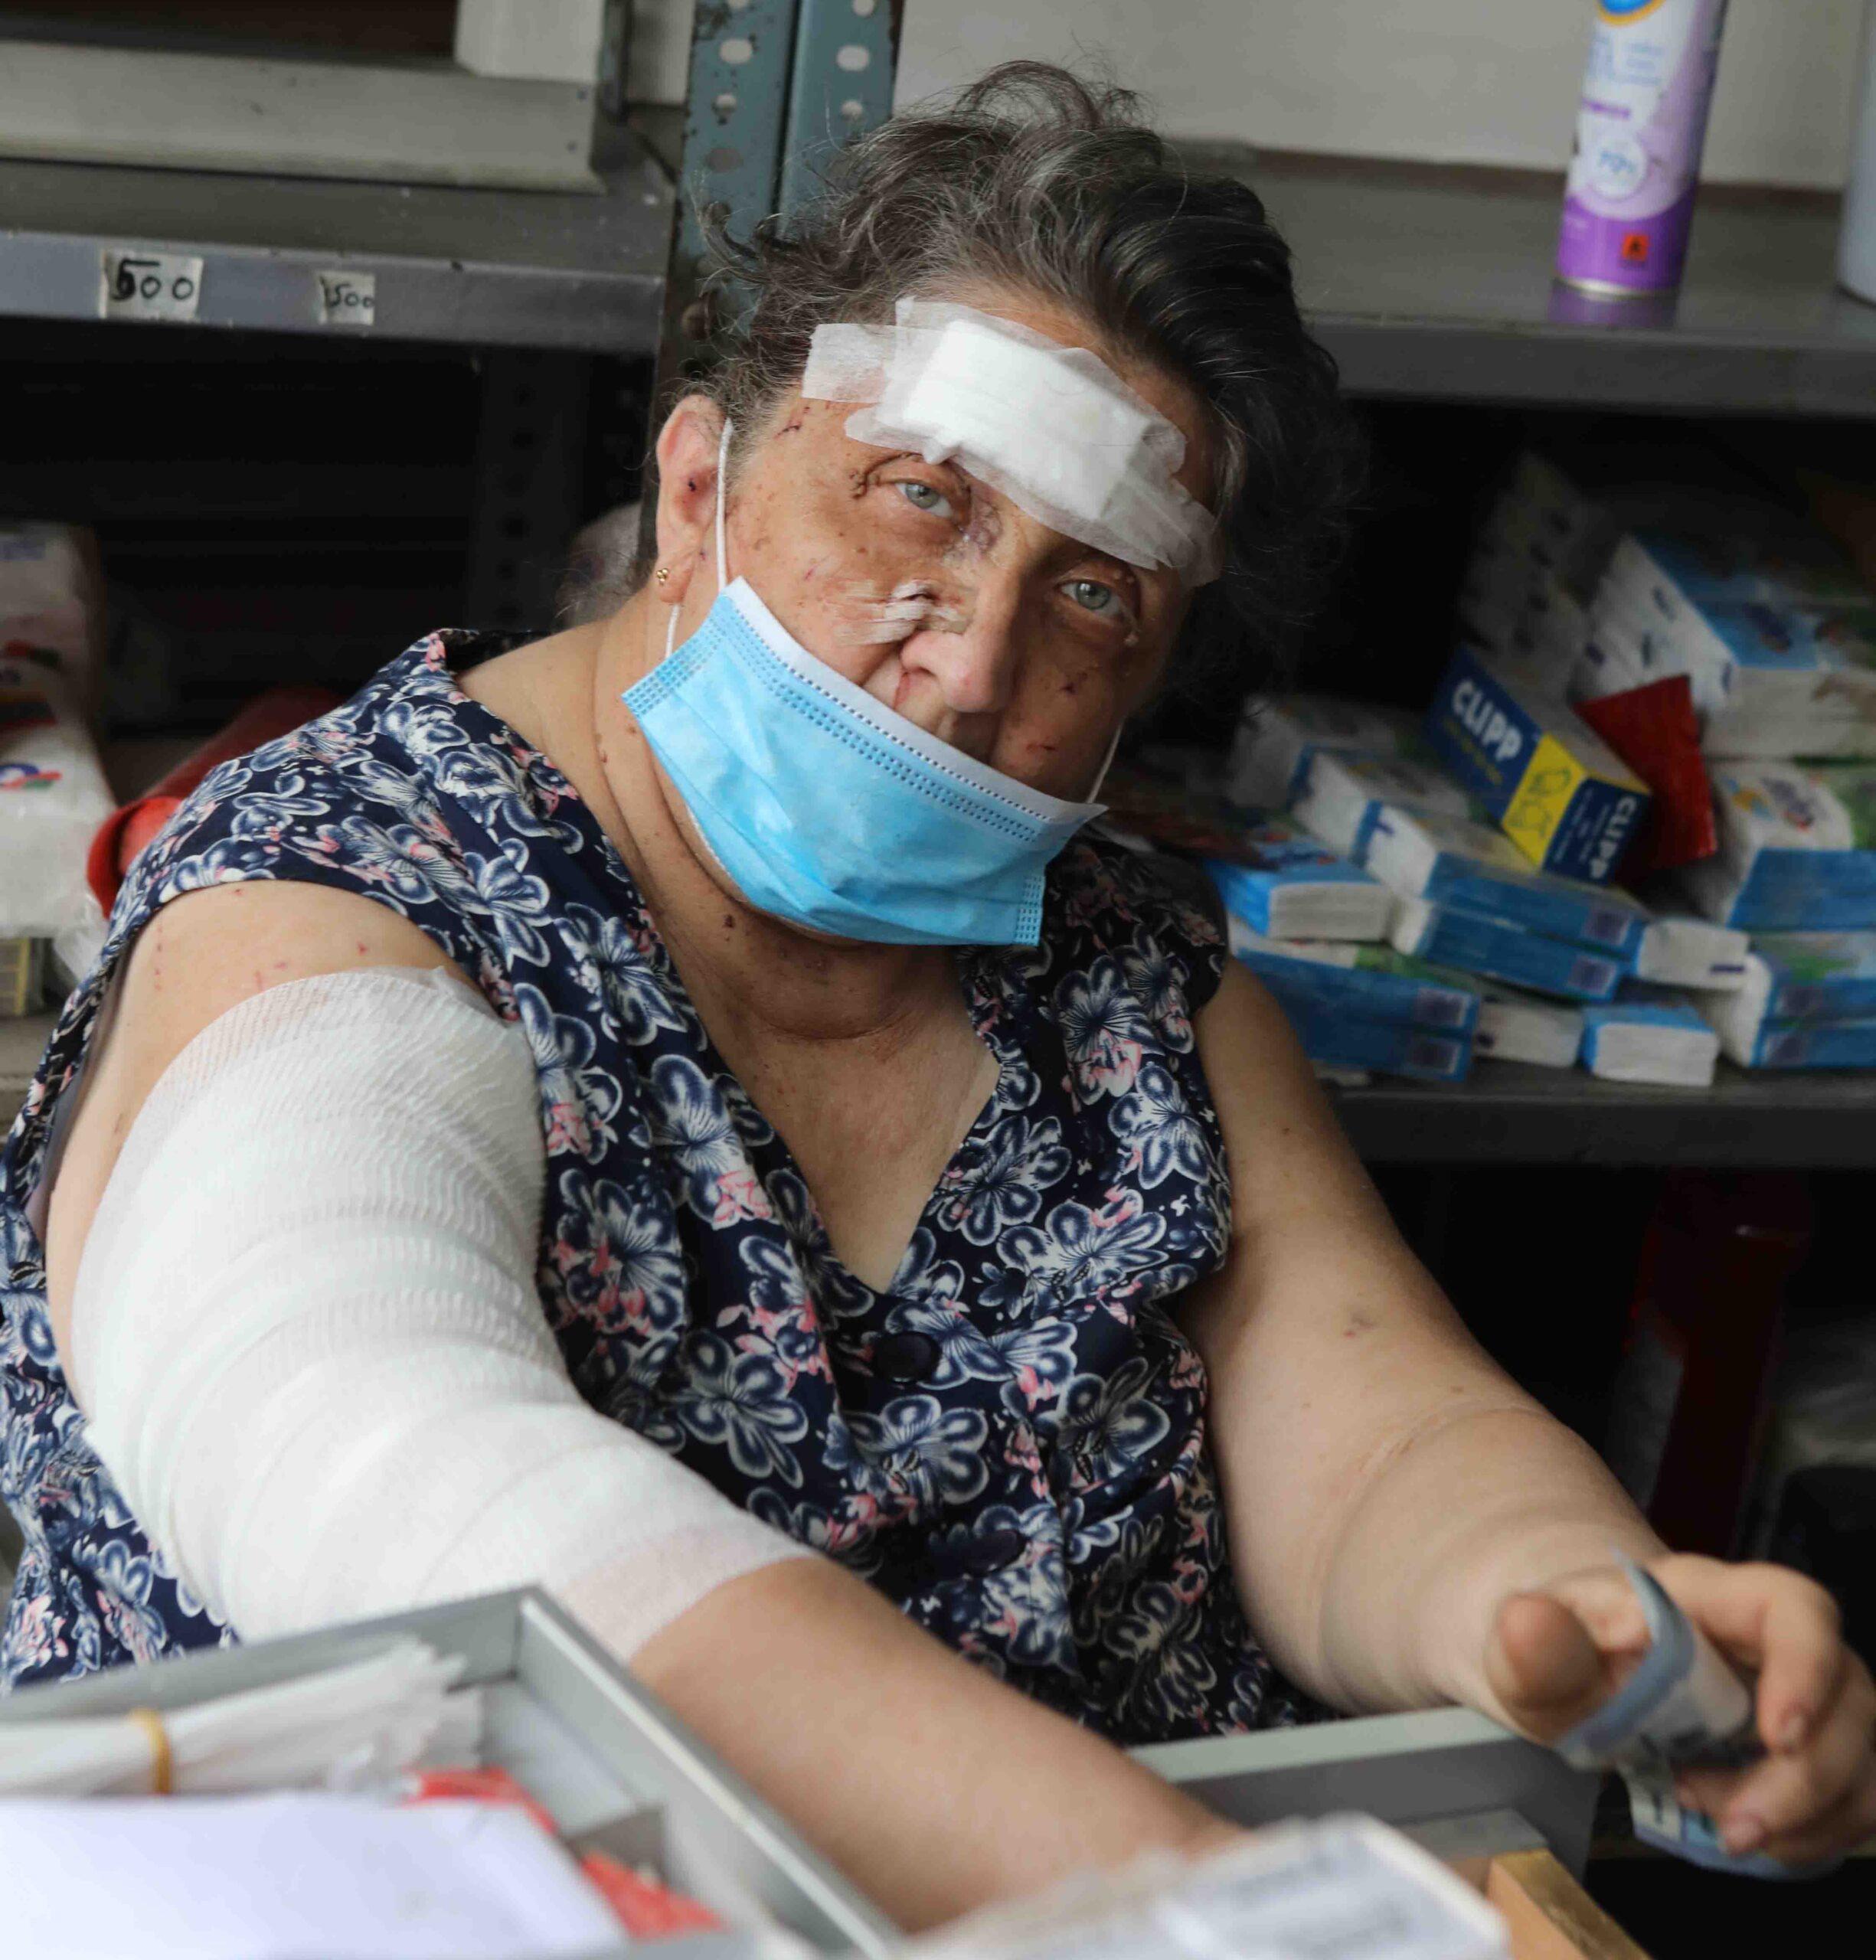 Uma mulher libanesa idosa ferida com bandagens na cabeça e no braço direito olha diretamente para a frente.